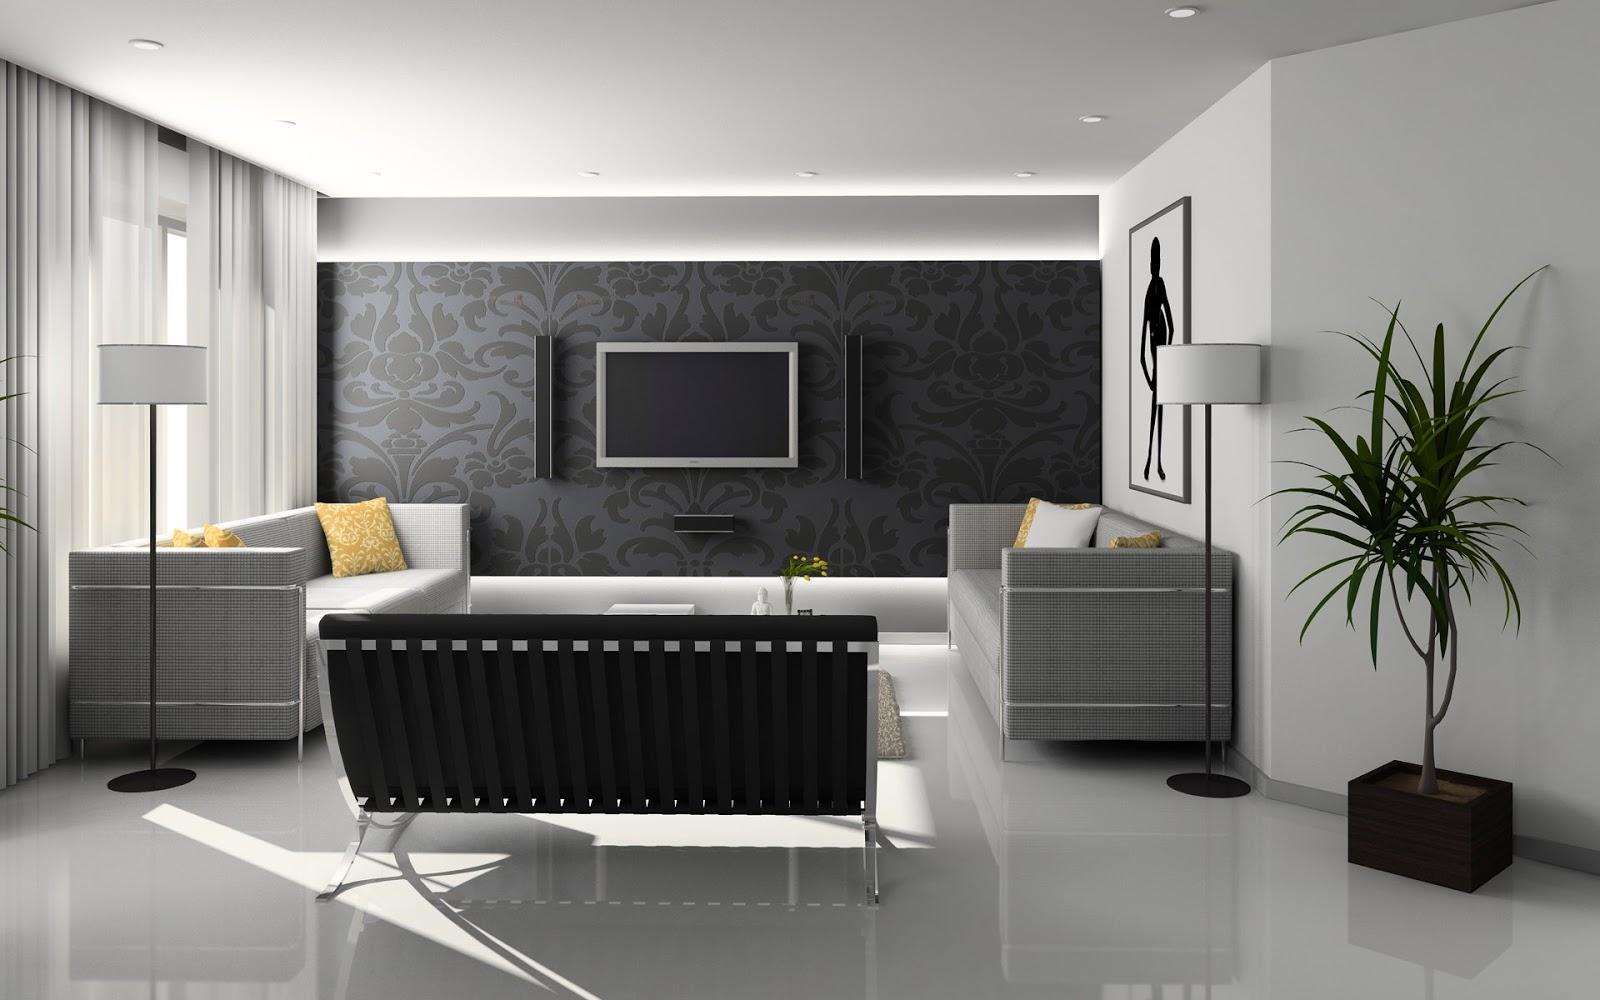 Arredare Soggiorno Con Carta Da Parati : Idee di design per rinnovare la tua casa con la carta da parati